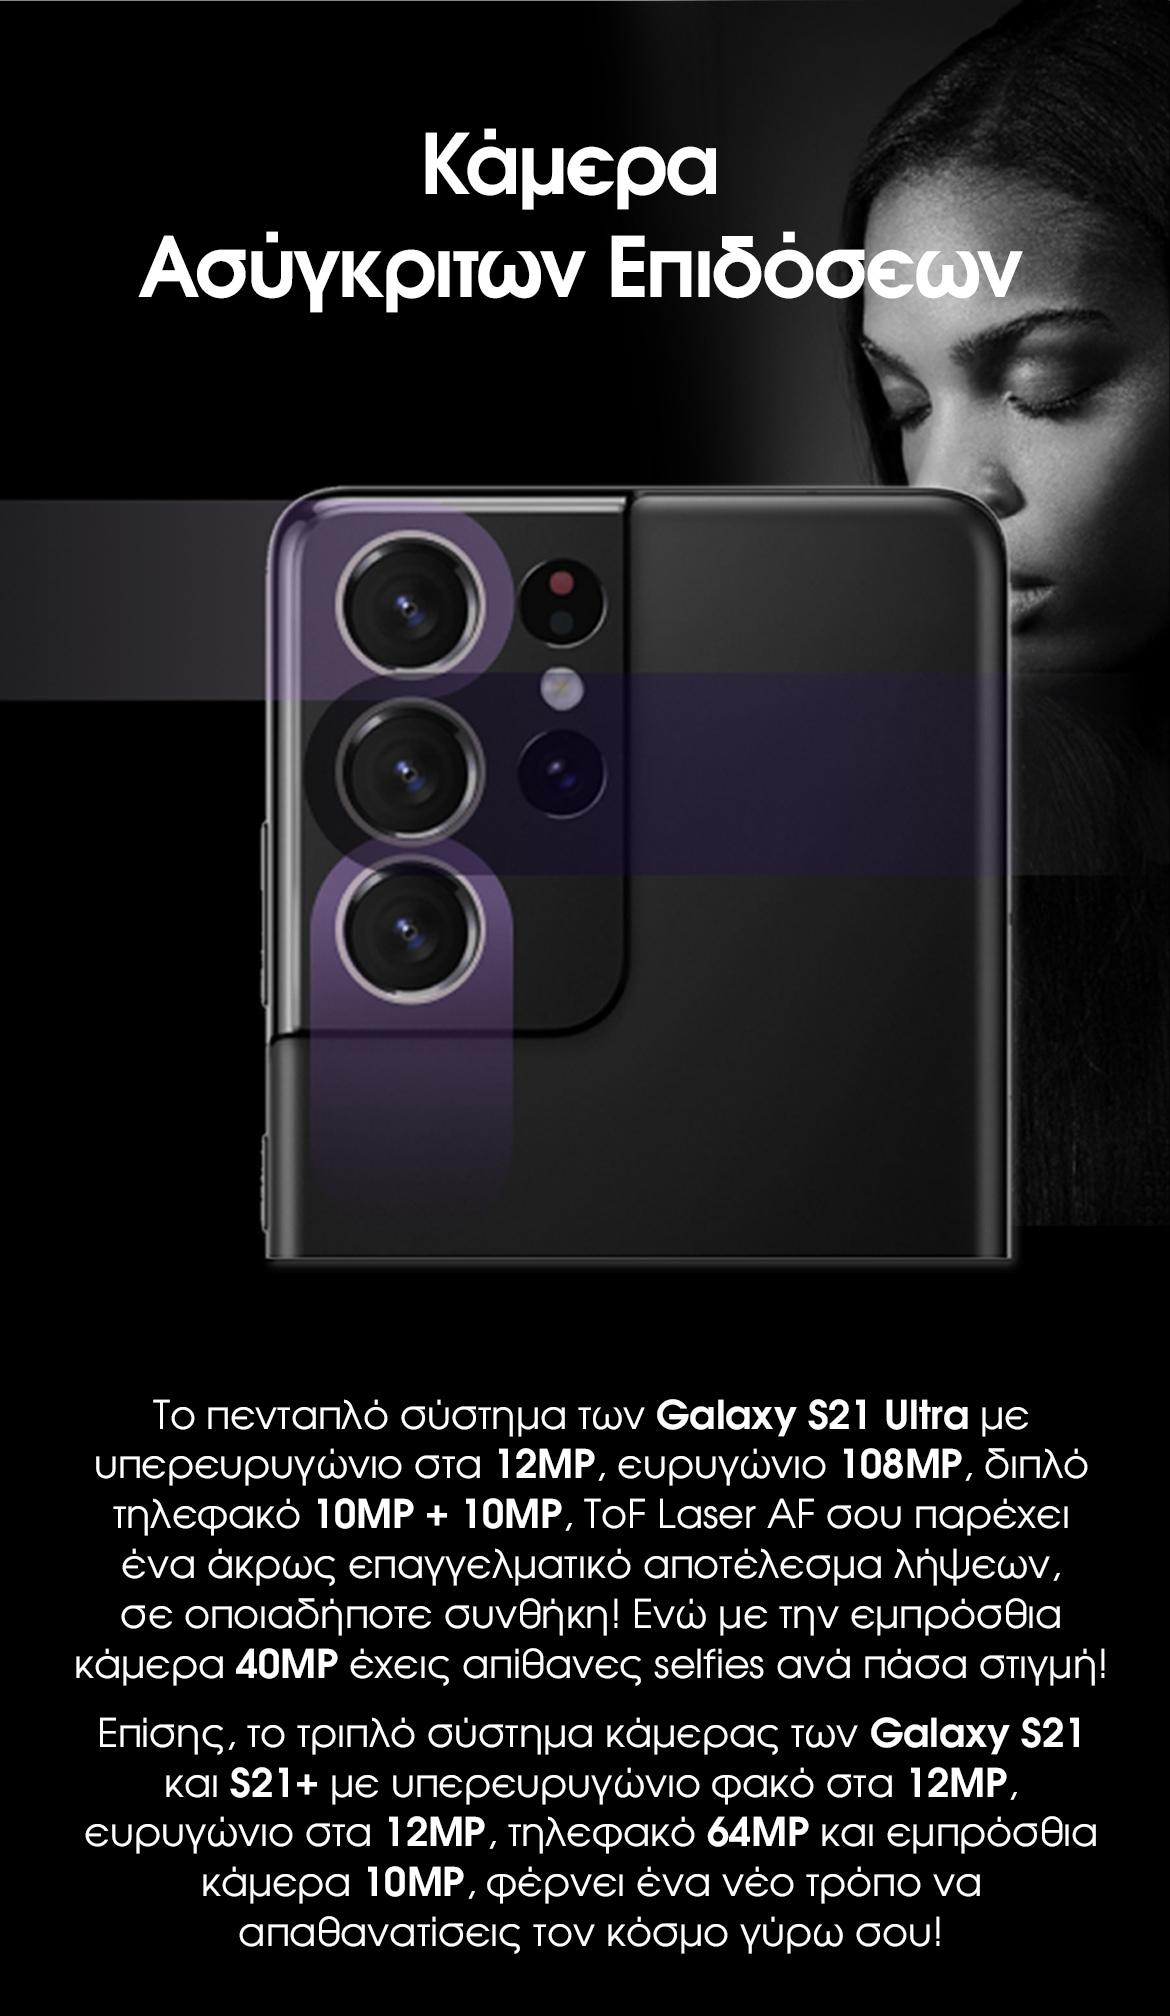 Samsung Galaxy S21 | Κάμερα ασύγκριτων επιδόσεων